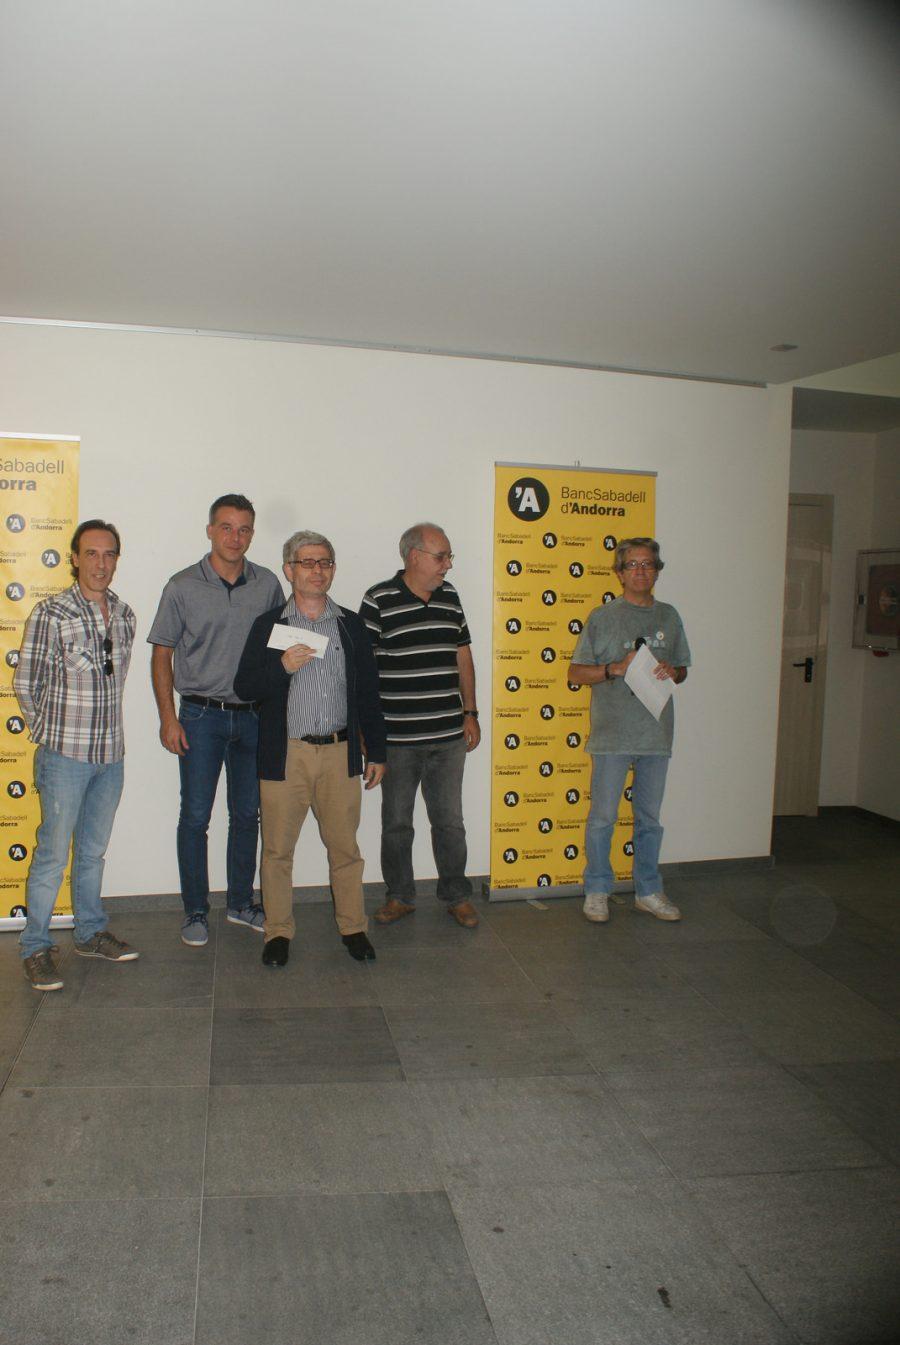 Gran Prix d'Andorra 2014